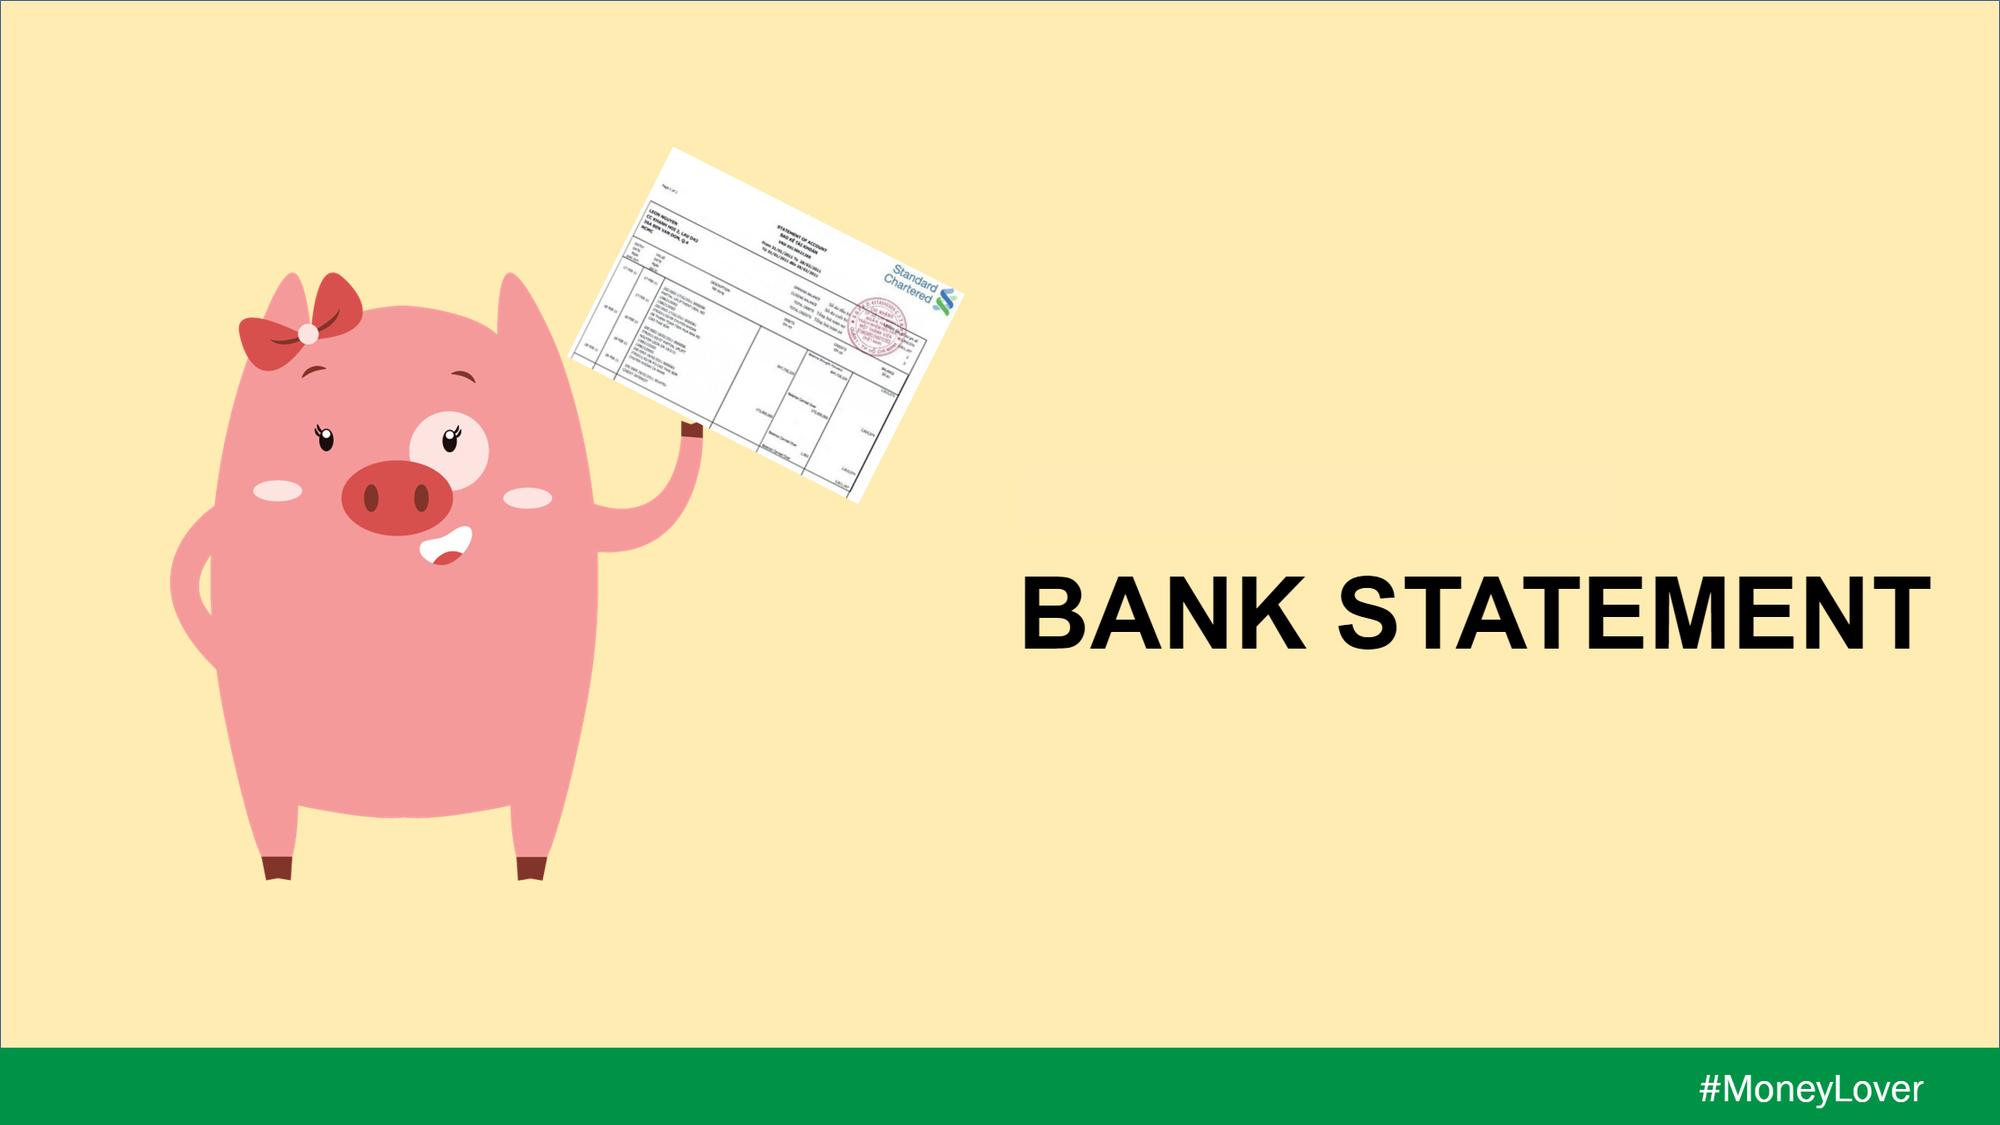 Sao kê ngân hàng (Bank Statement) là gì? Yêu cầu đối với sao kê ngân hàng - Ảnh 1.